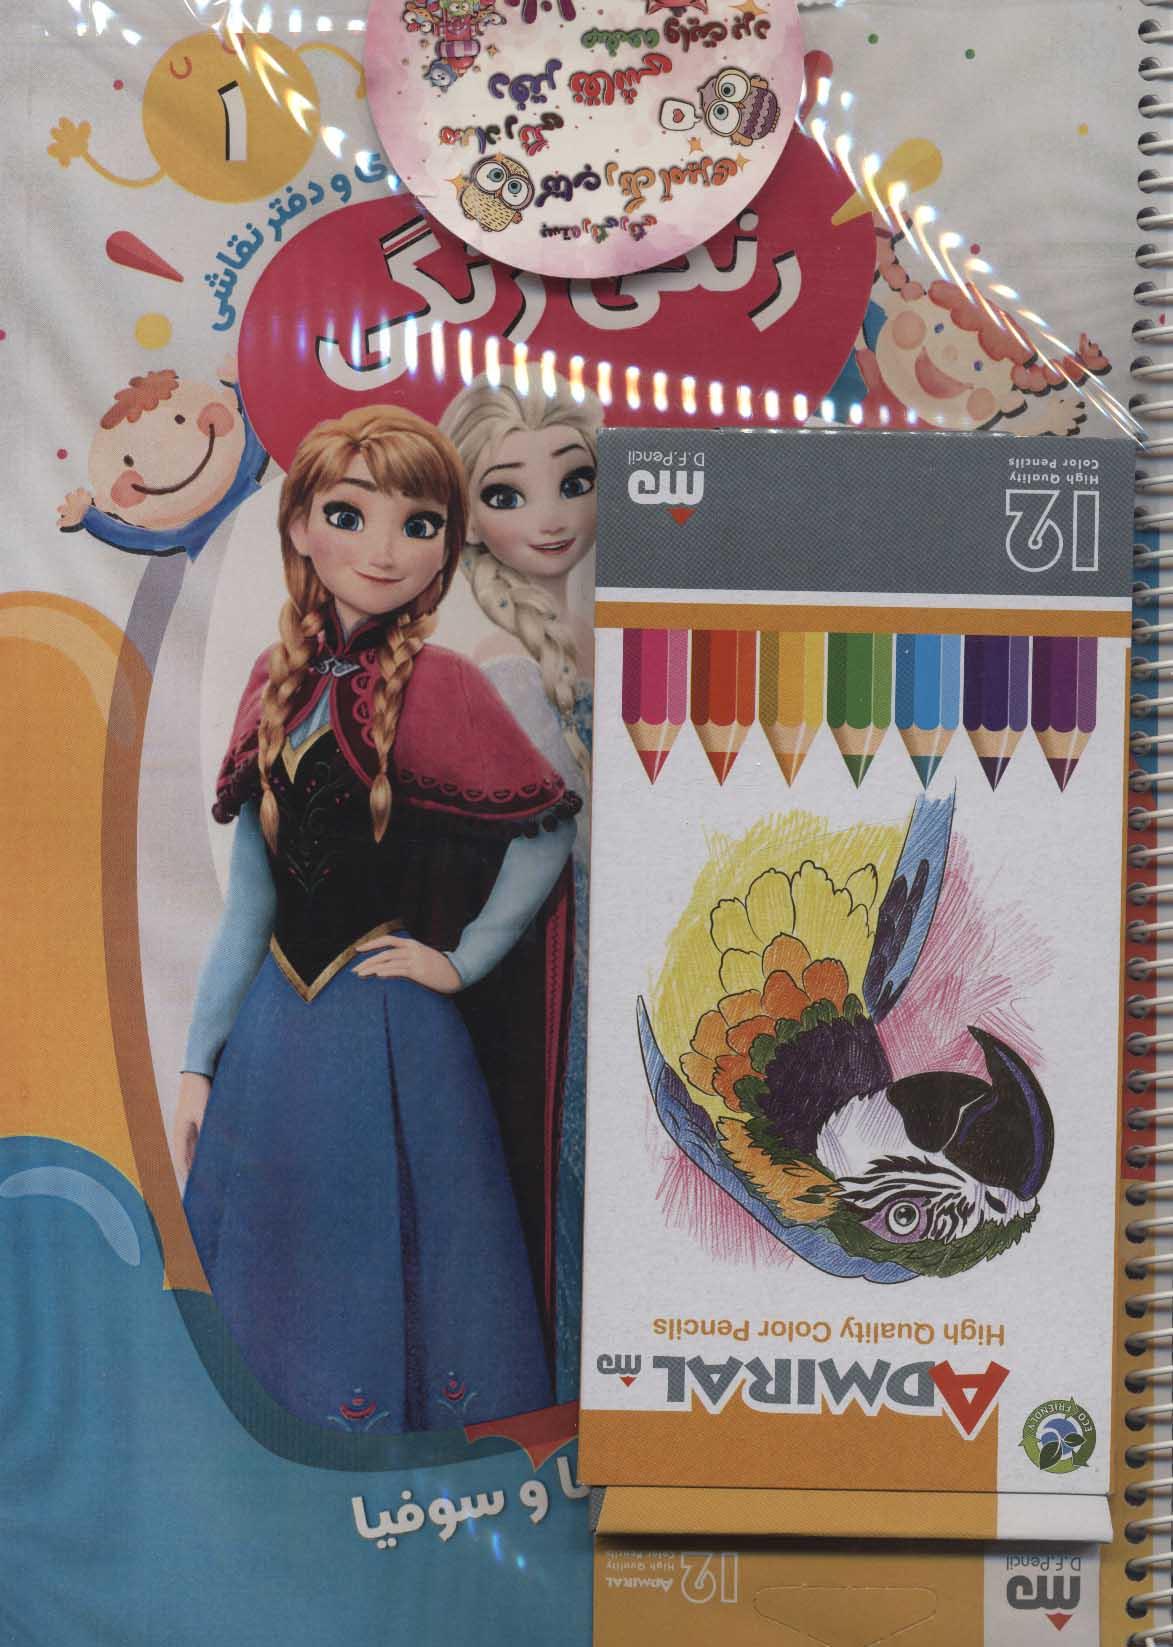 بسته رنگی رنگی 1 (دفتر رنگ آمیزی و نقاشی،پازل فروزن 24 تکه،مداد رنگی)